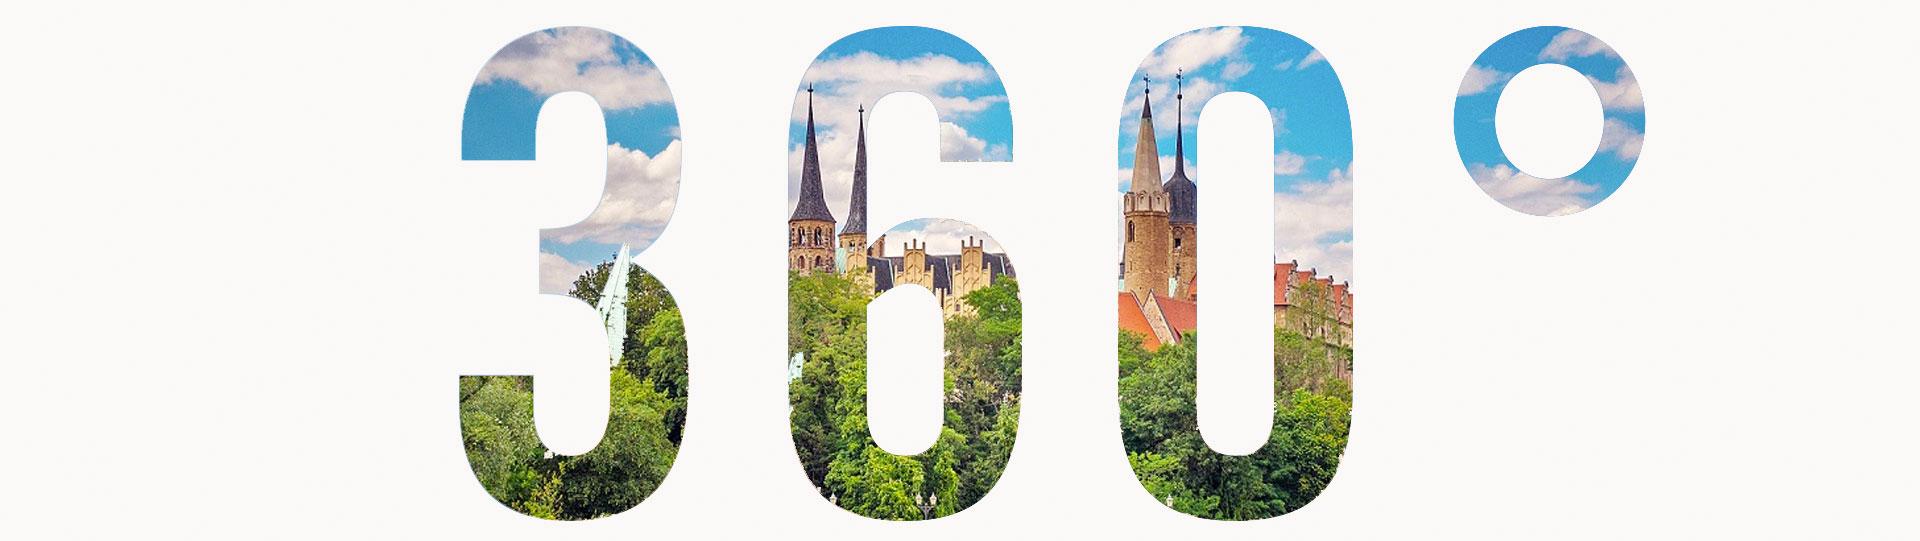 360° Panorama Naumburger Dom